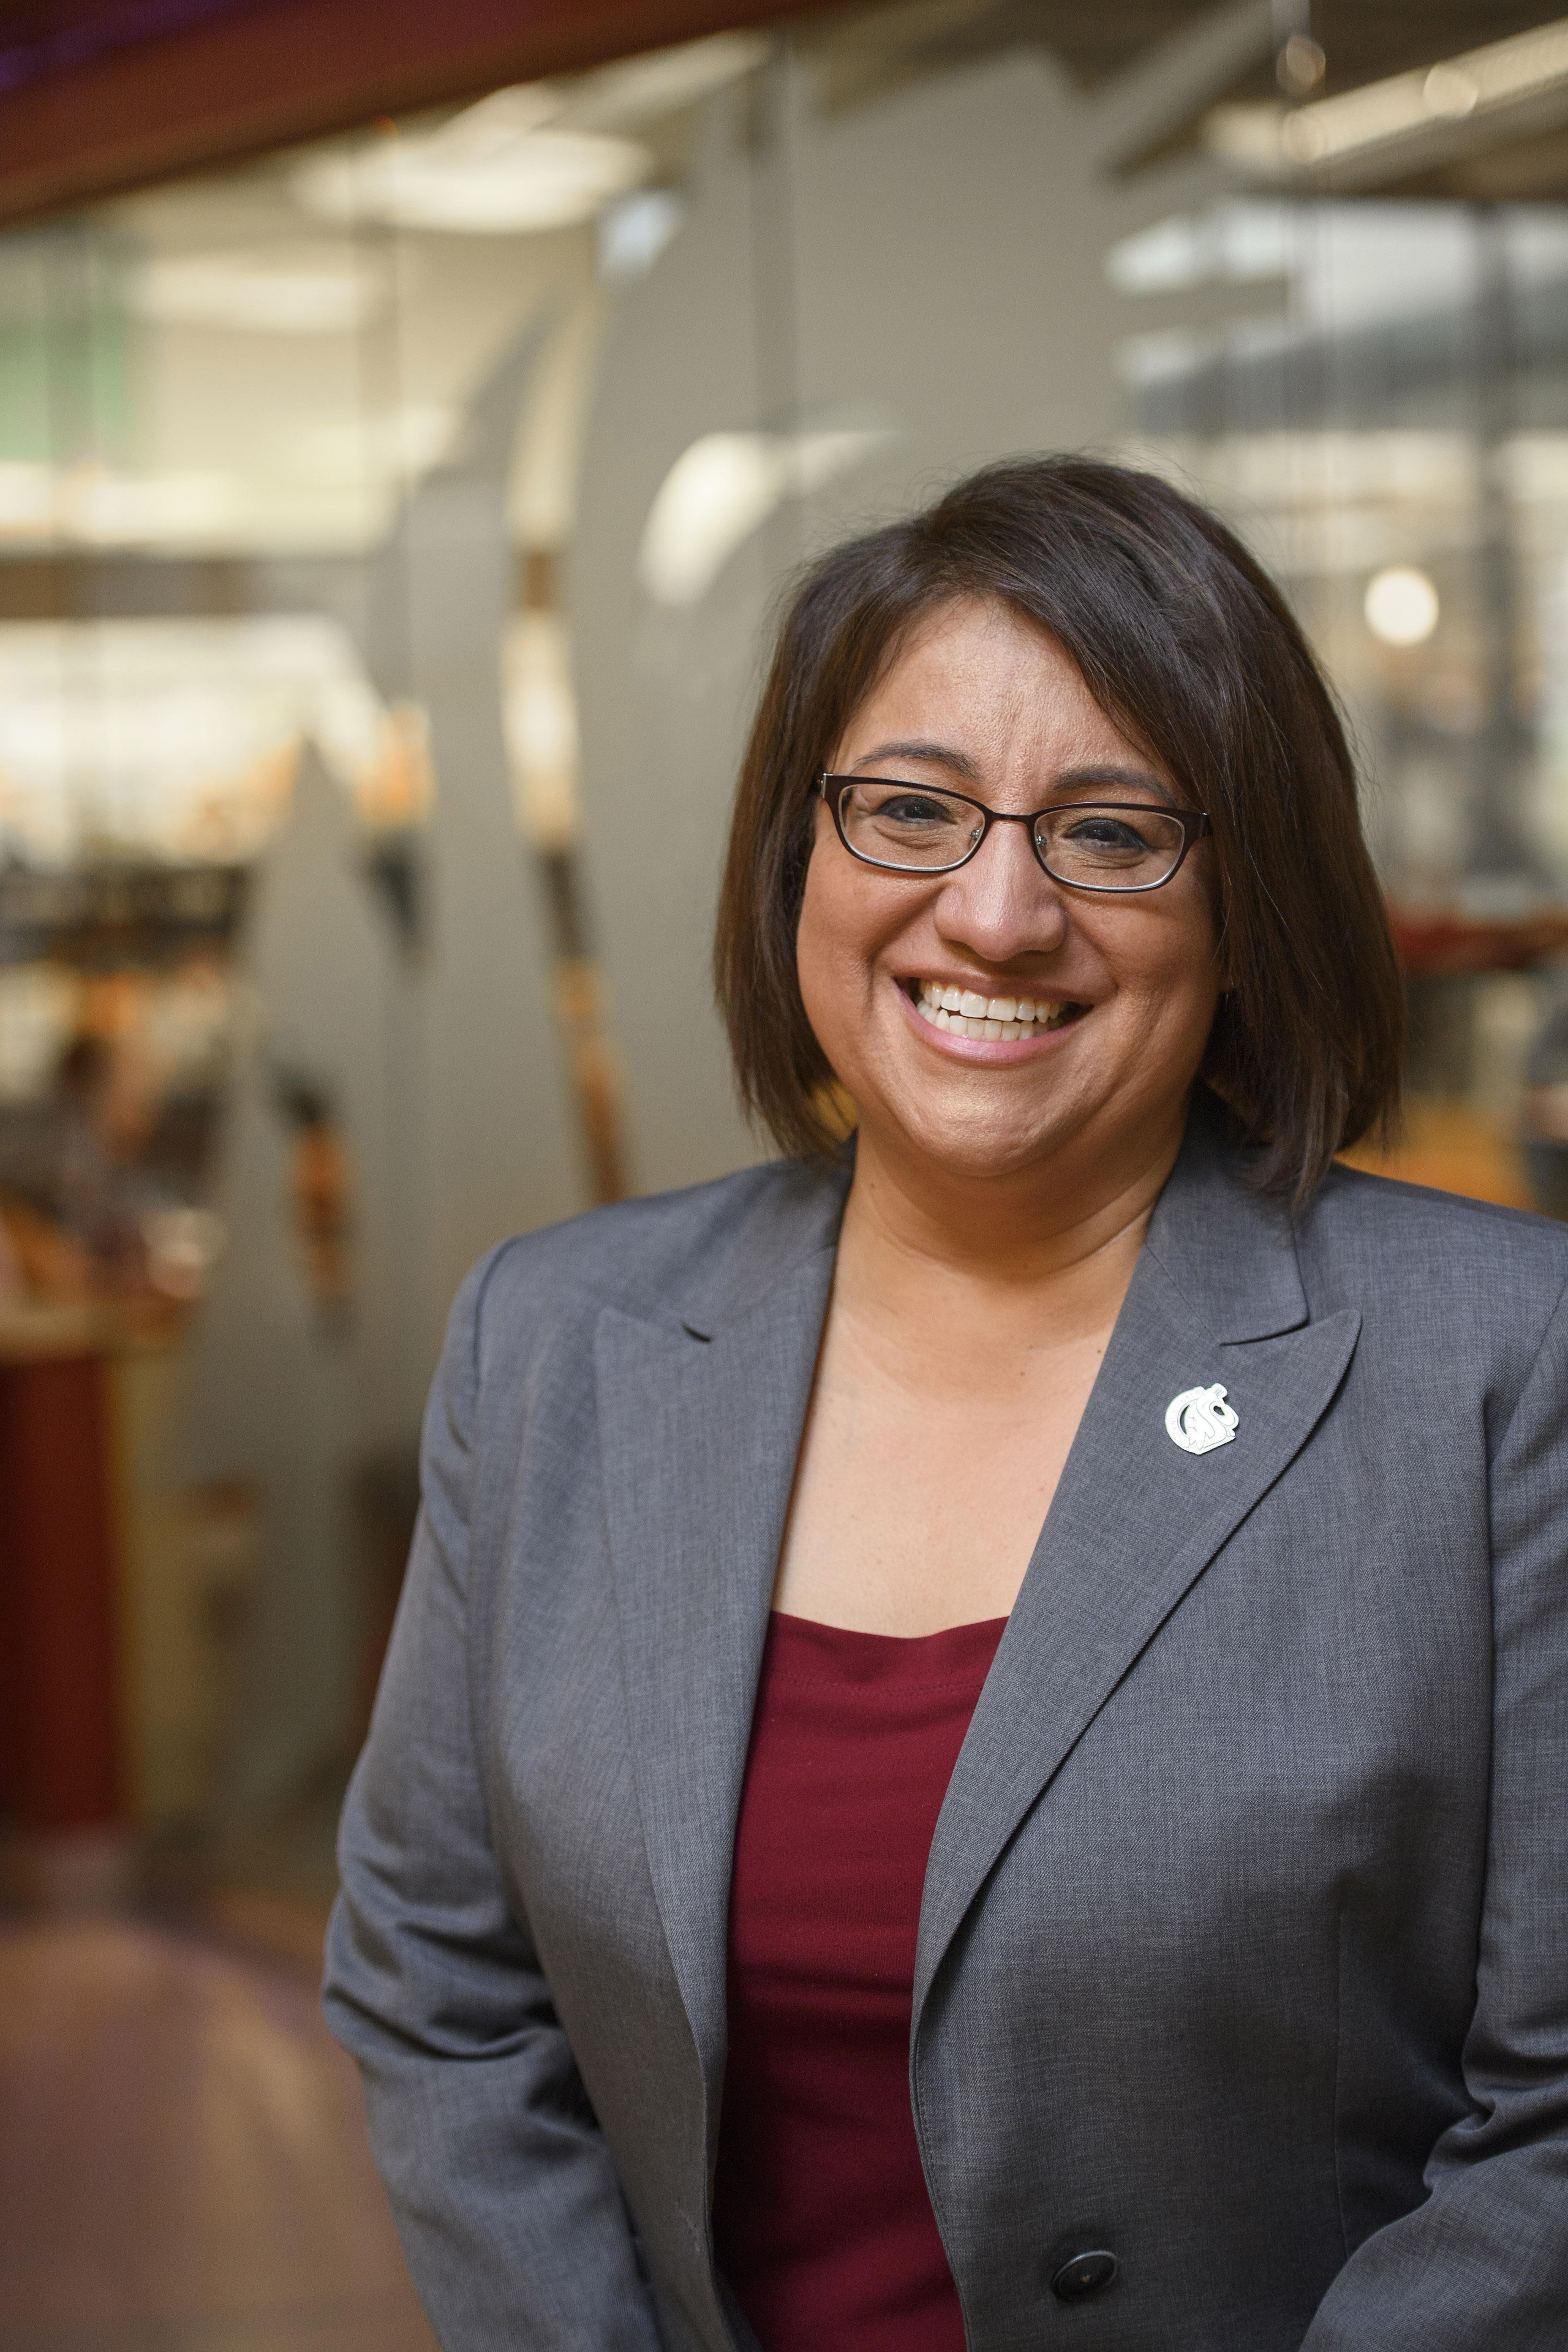 Mary Jo Gonzales in profile